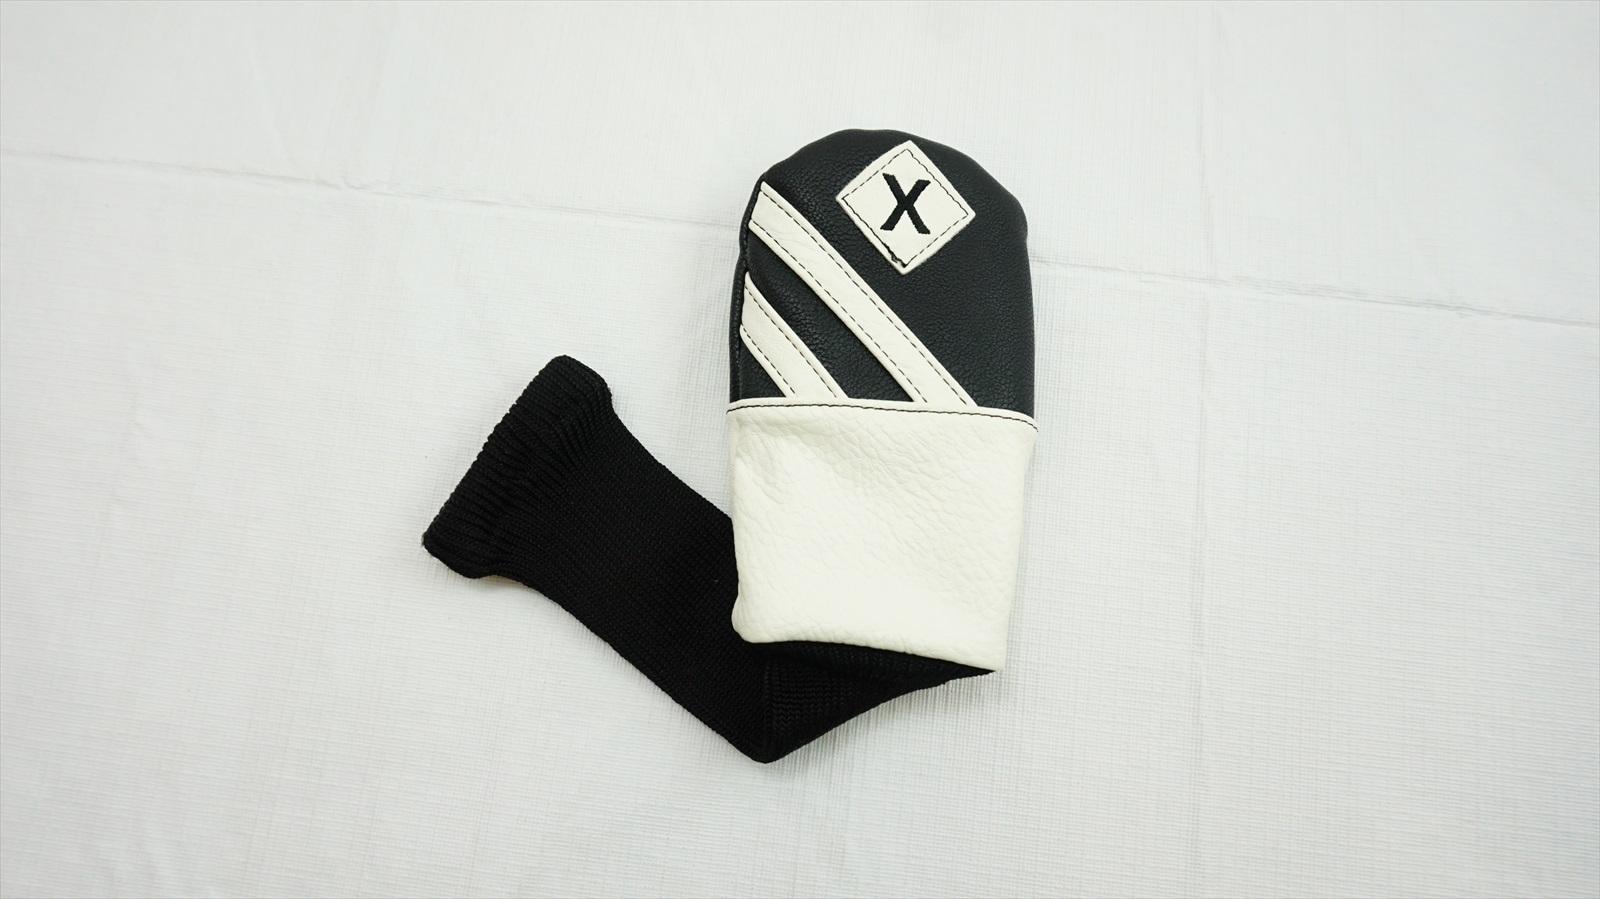 Callaway-Golf-Noir-Blanc-Generique-X-Hybride-voile-Head-Cover-Bon